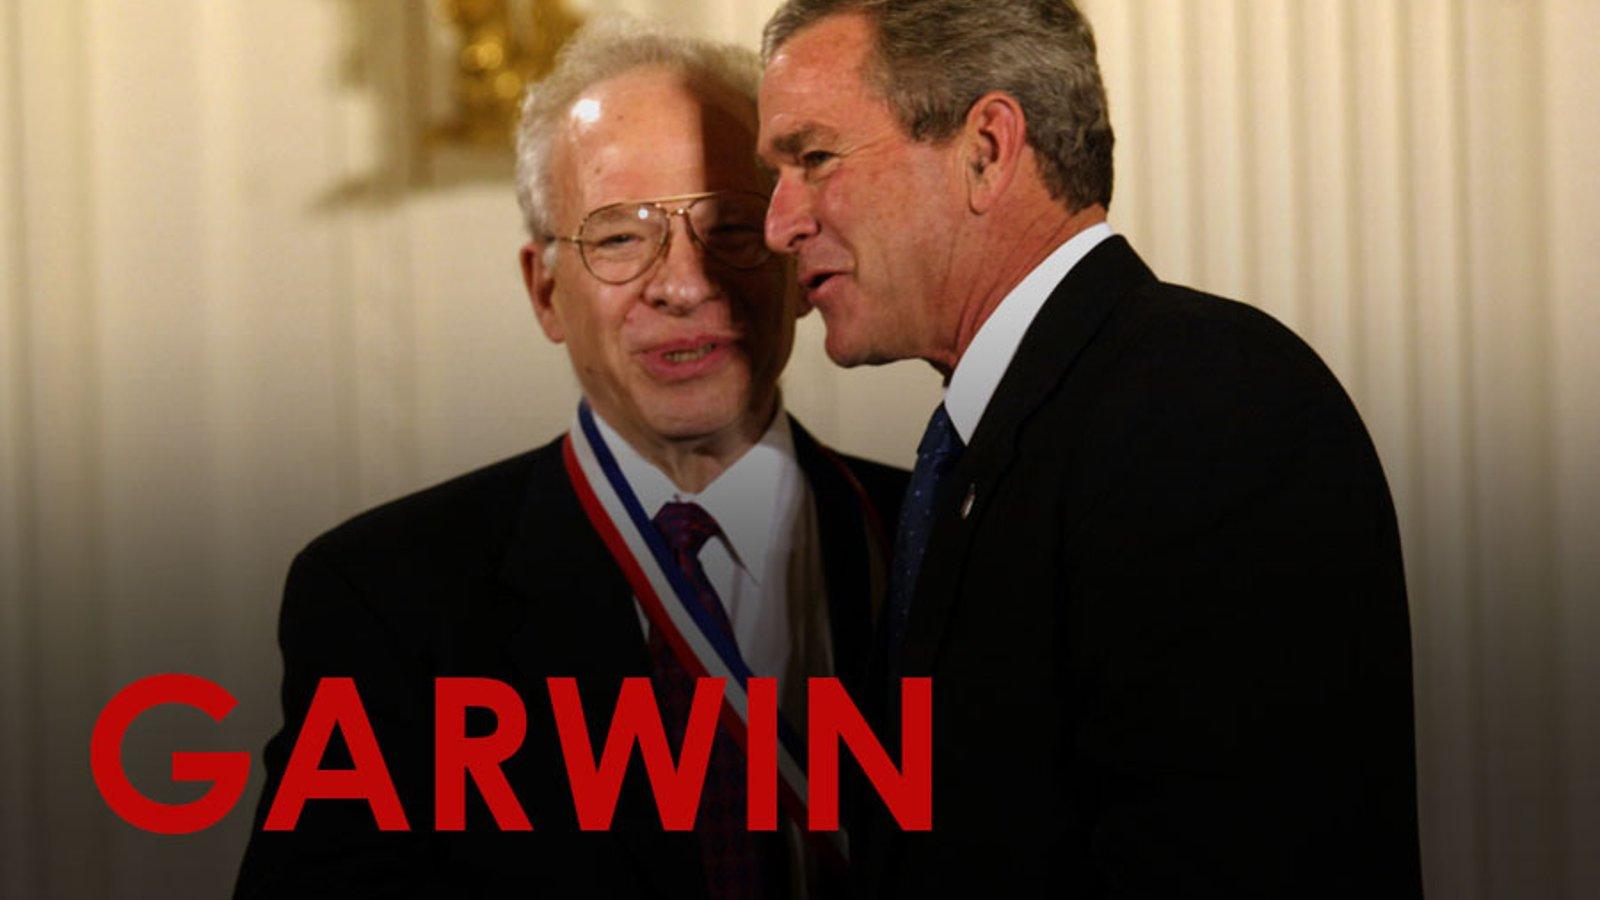 Garwin